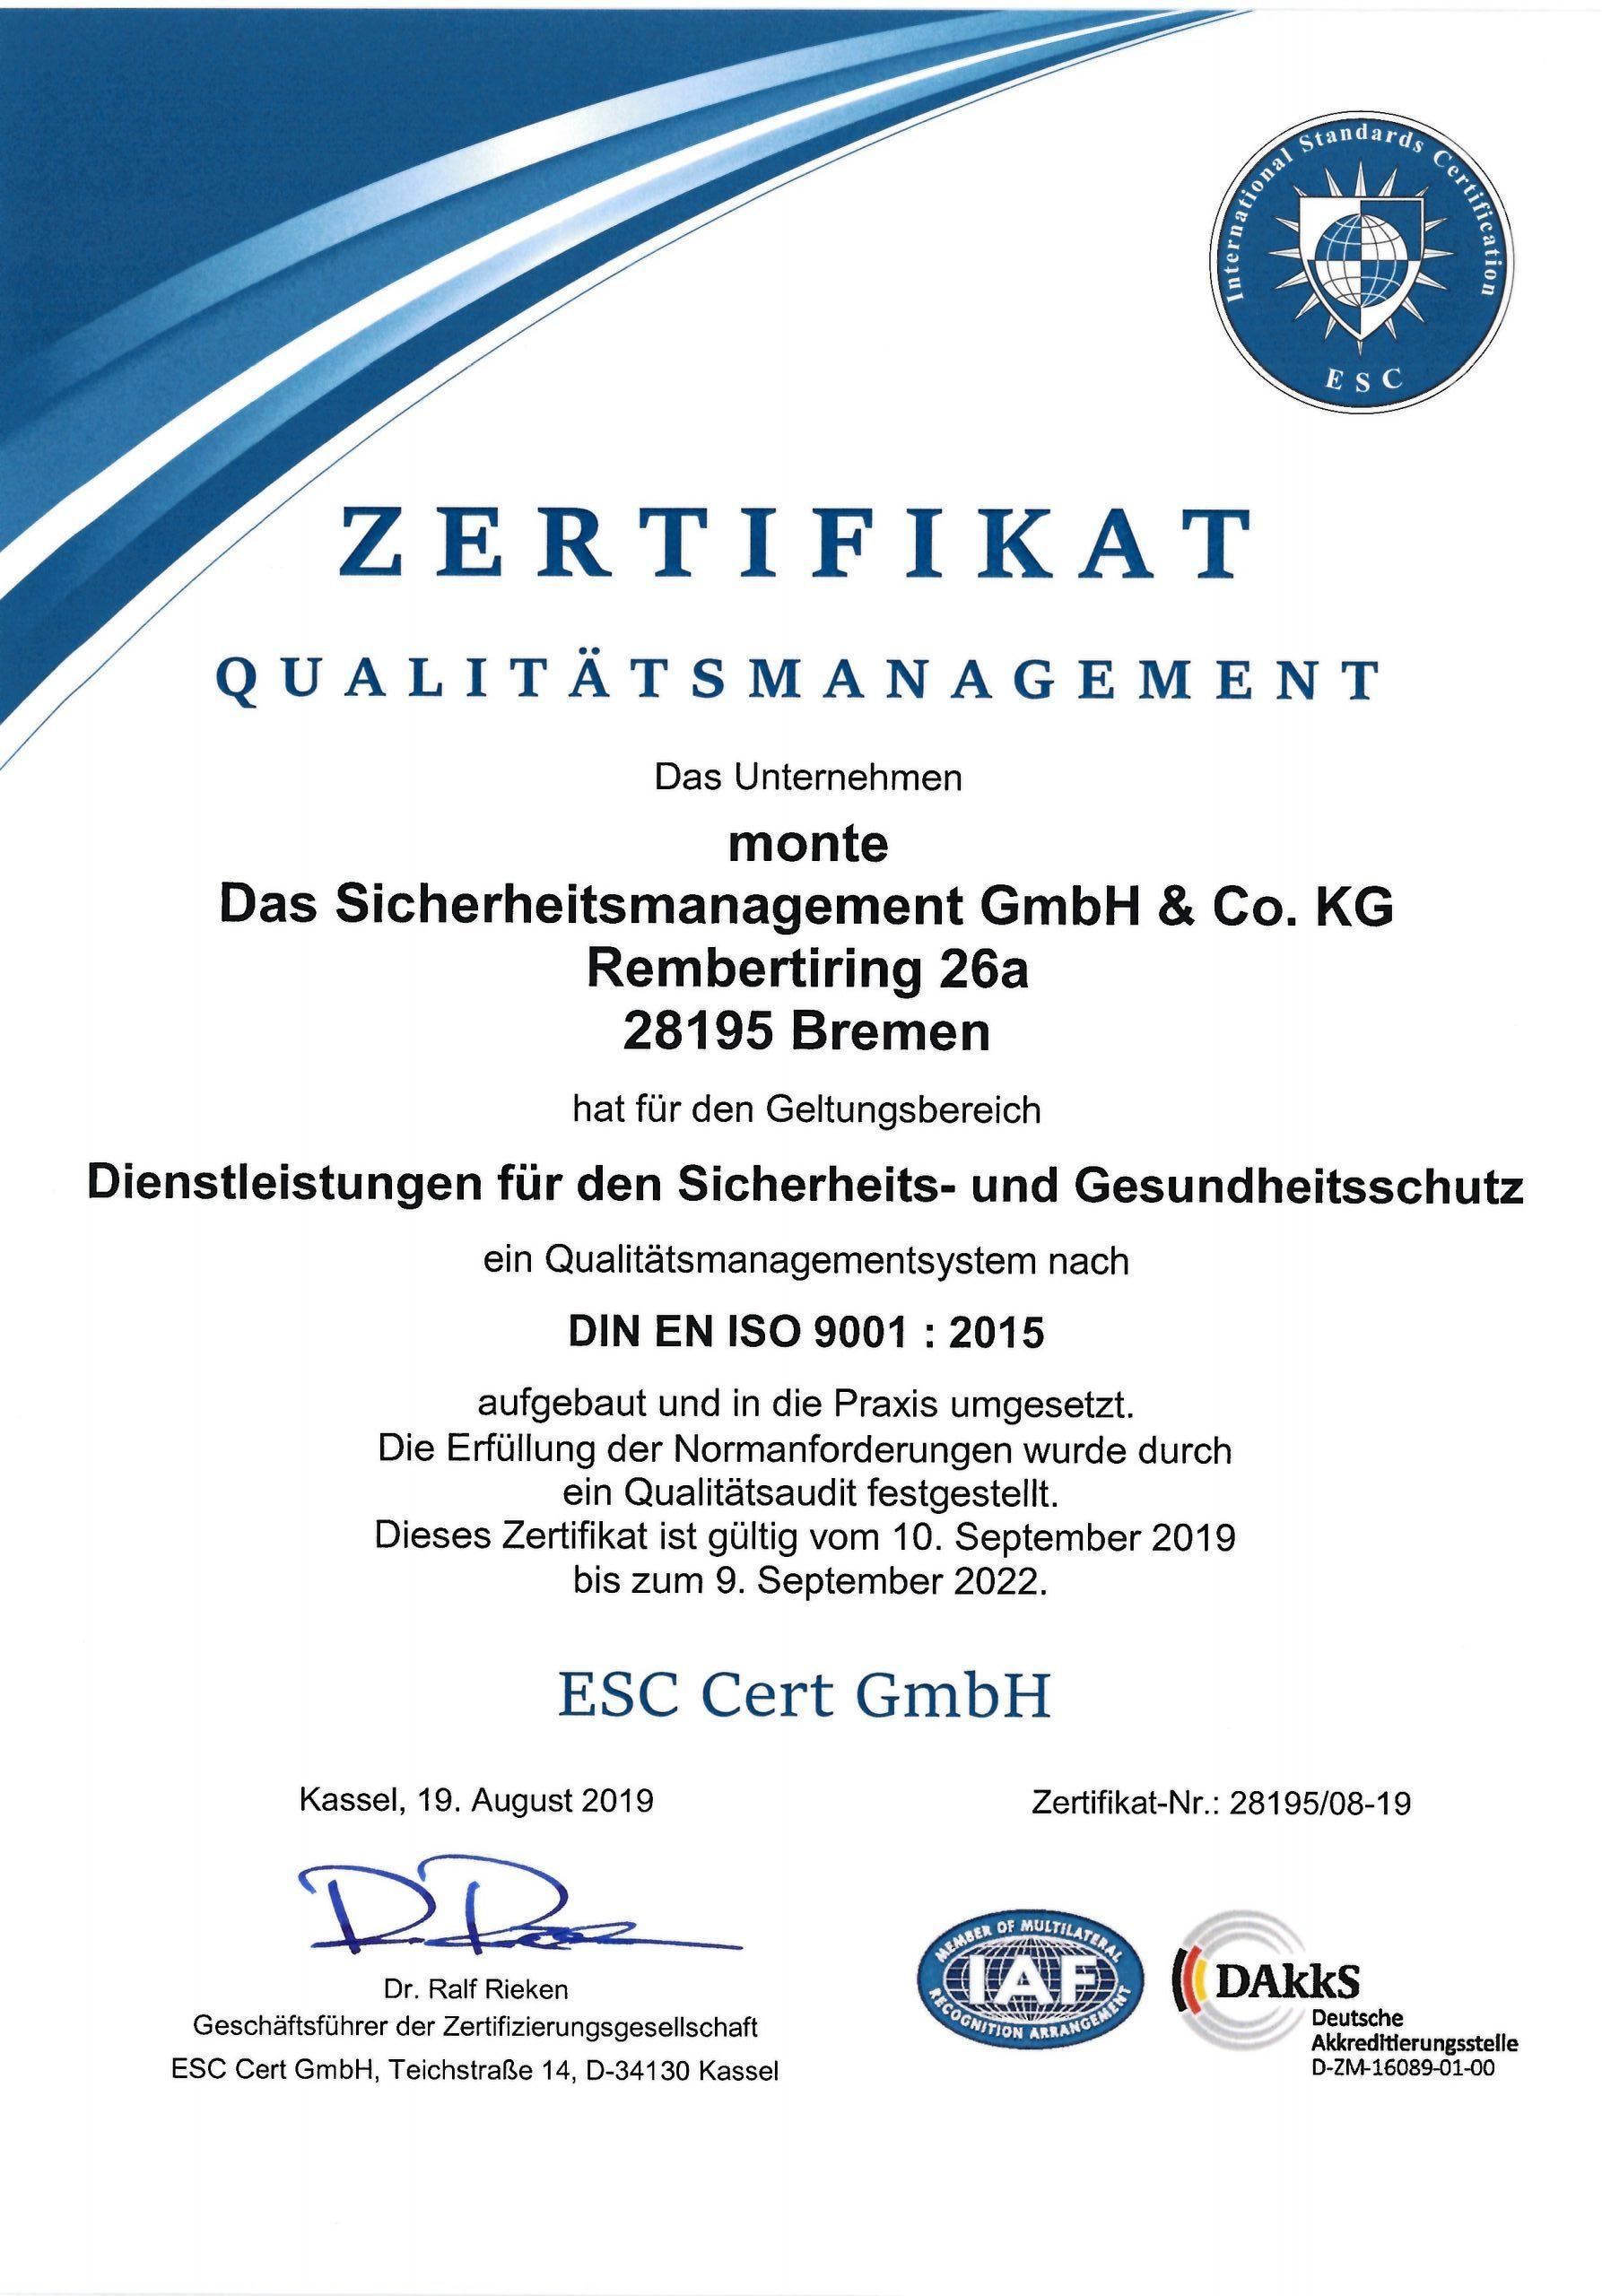 zertifikat_din_en_iso9001-2015